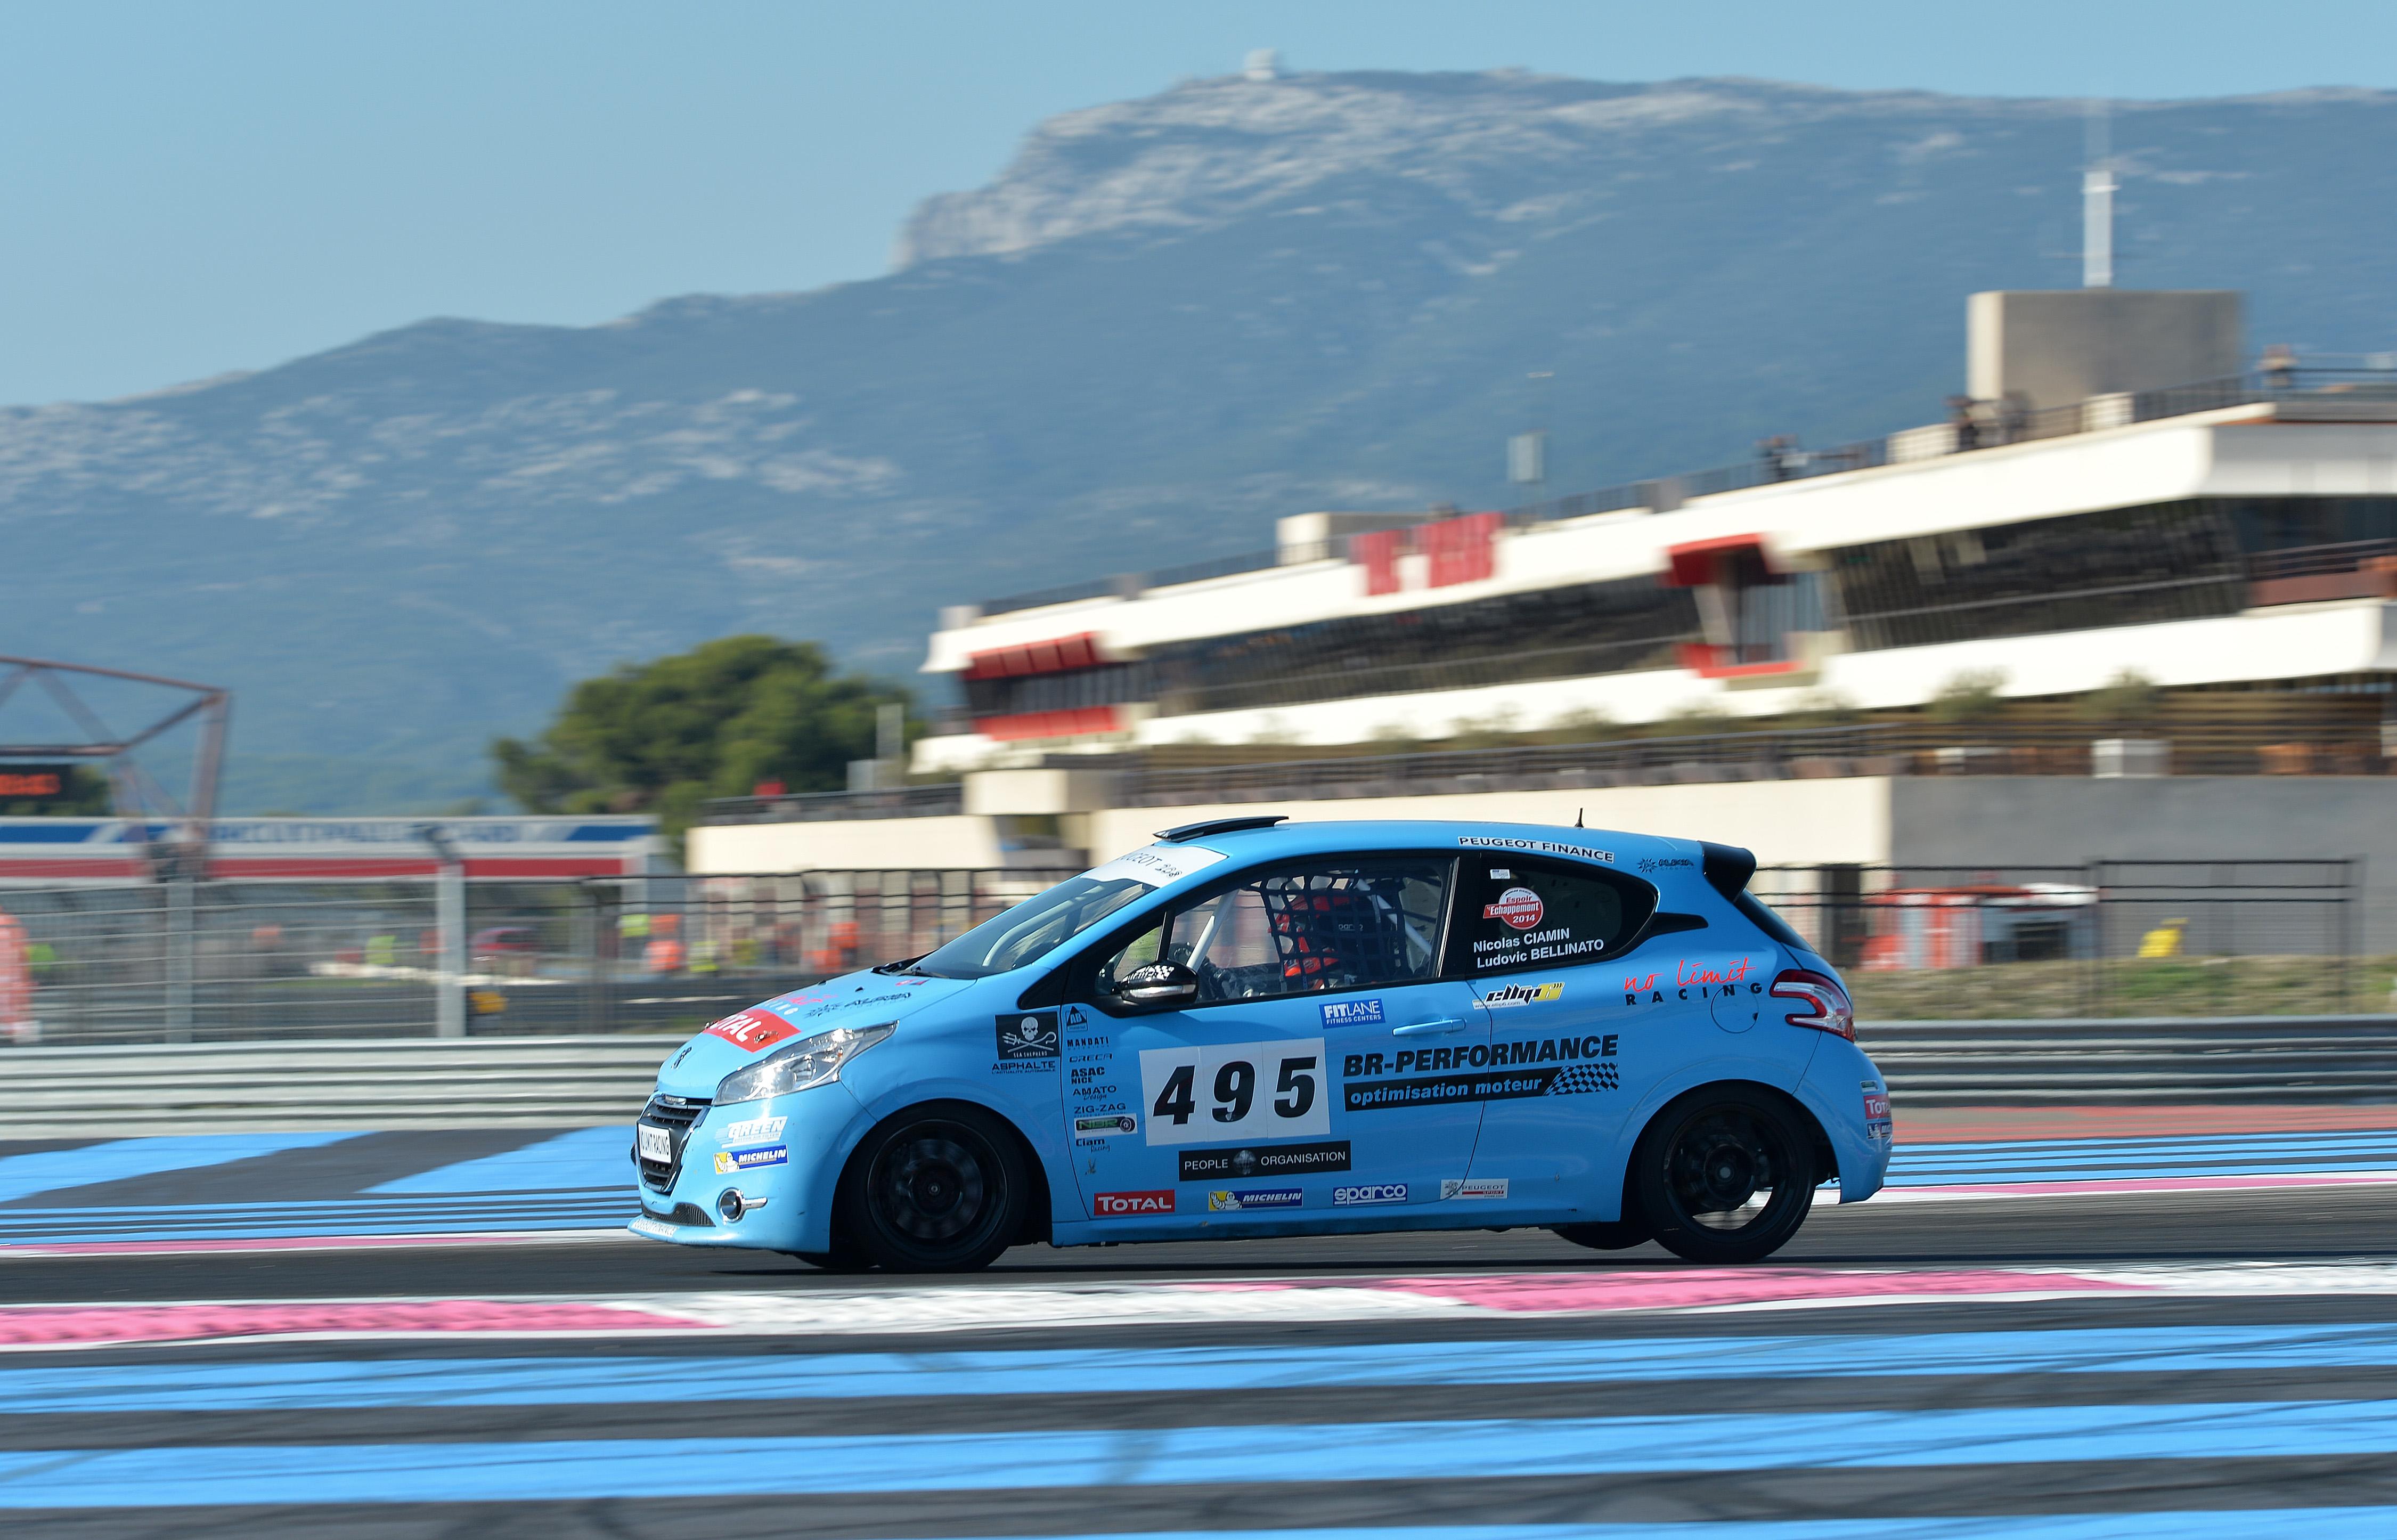 Rencontres Peugeot Sport : Paul Ricard, le bilan